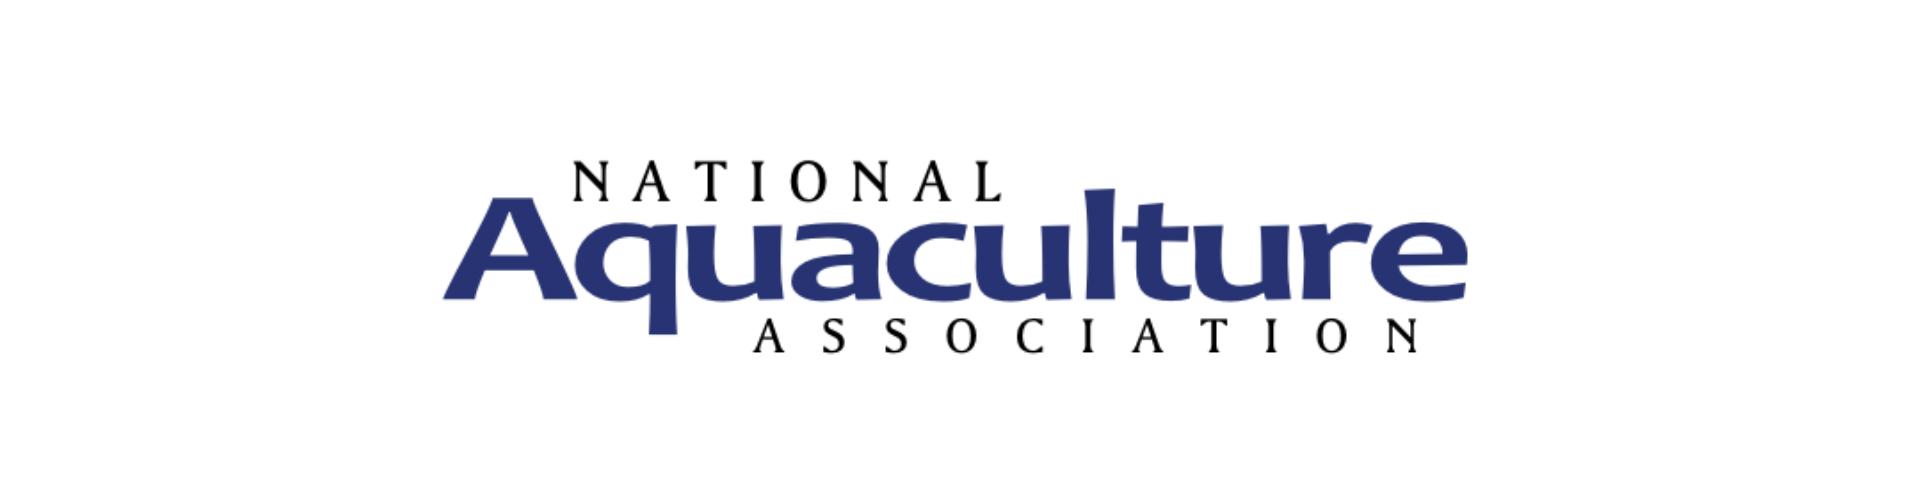 national aquaculture association